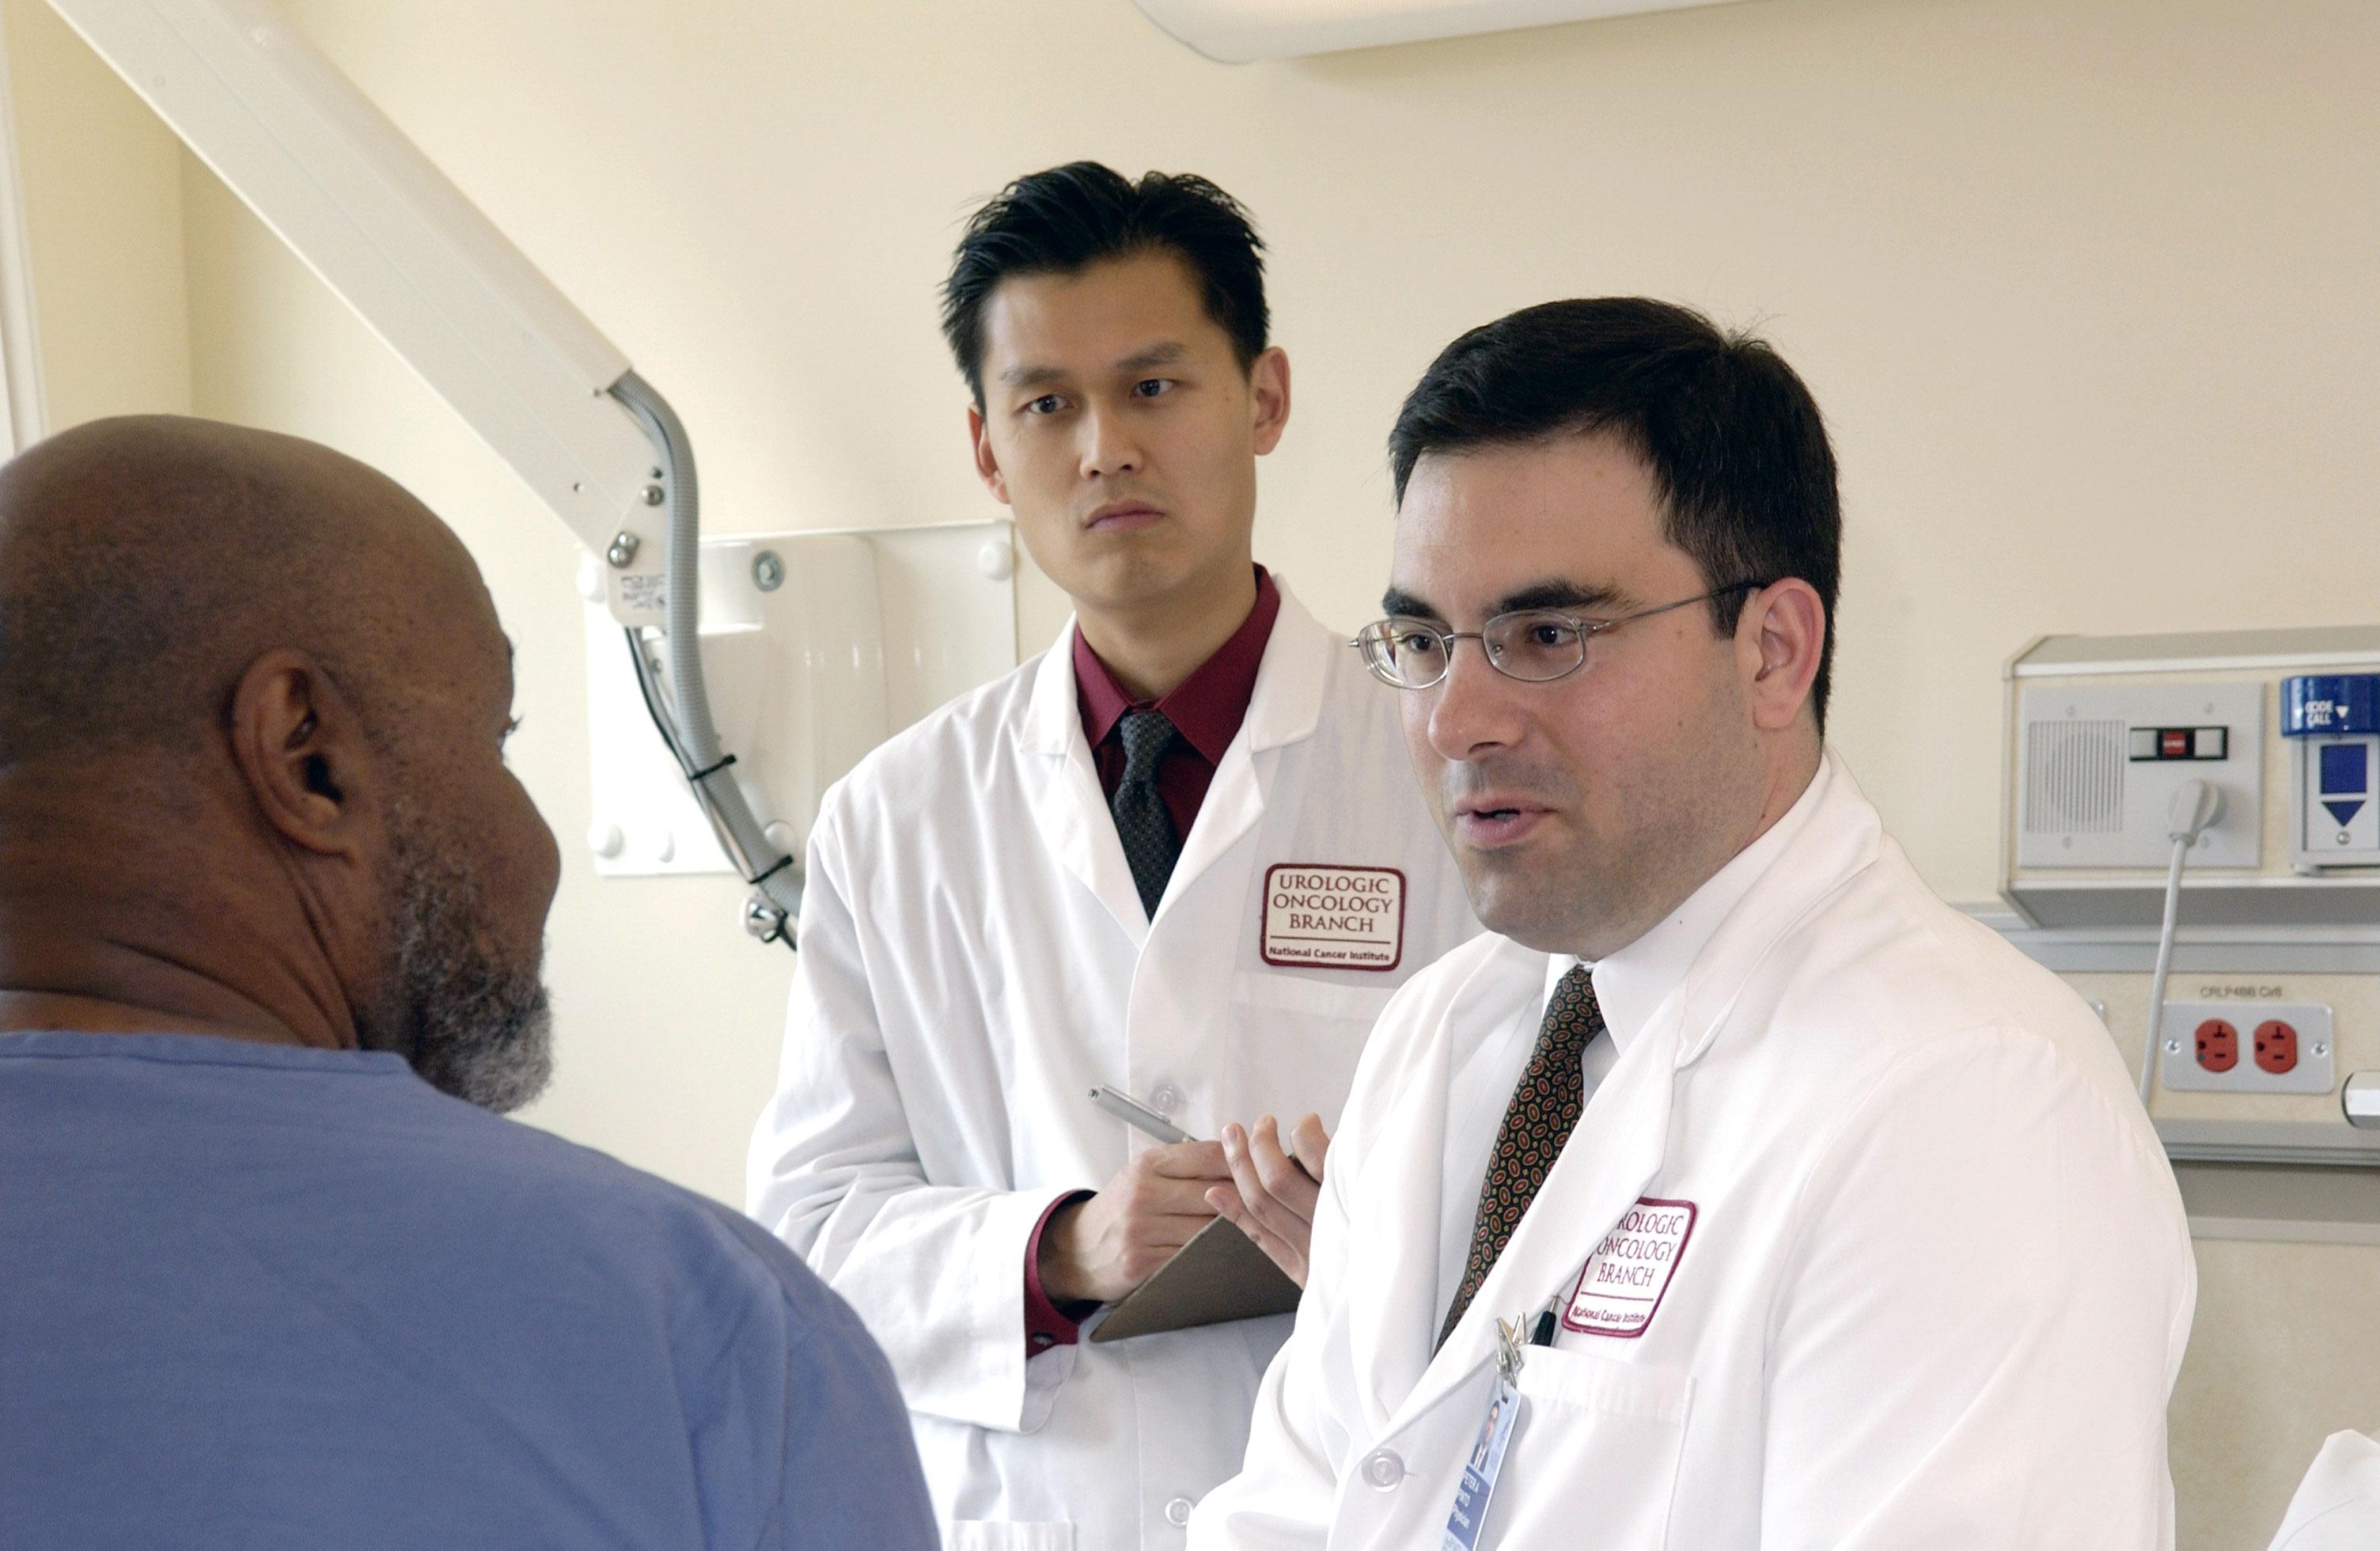 Doctor advises patient